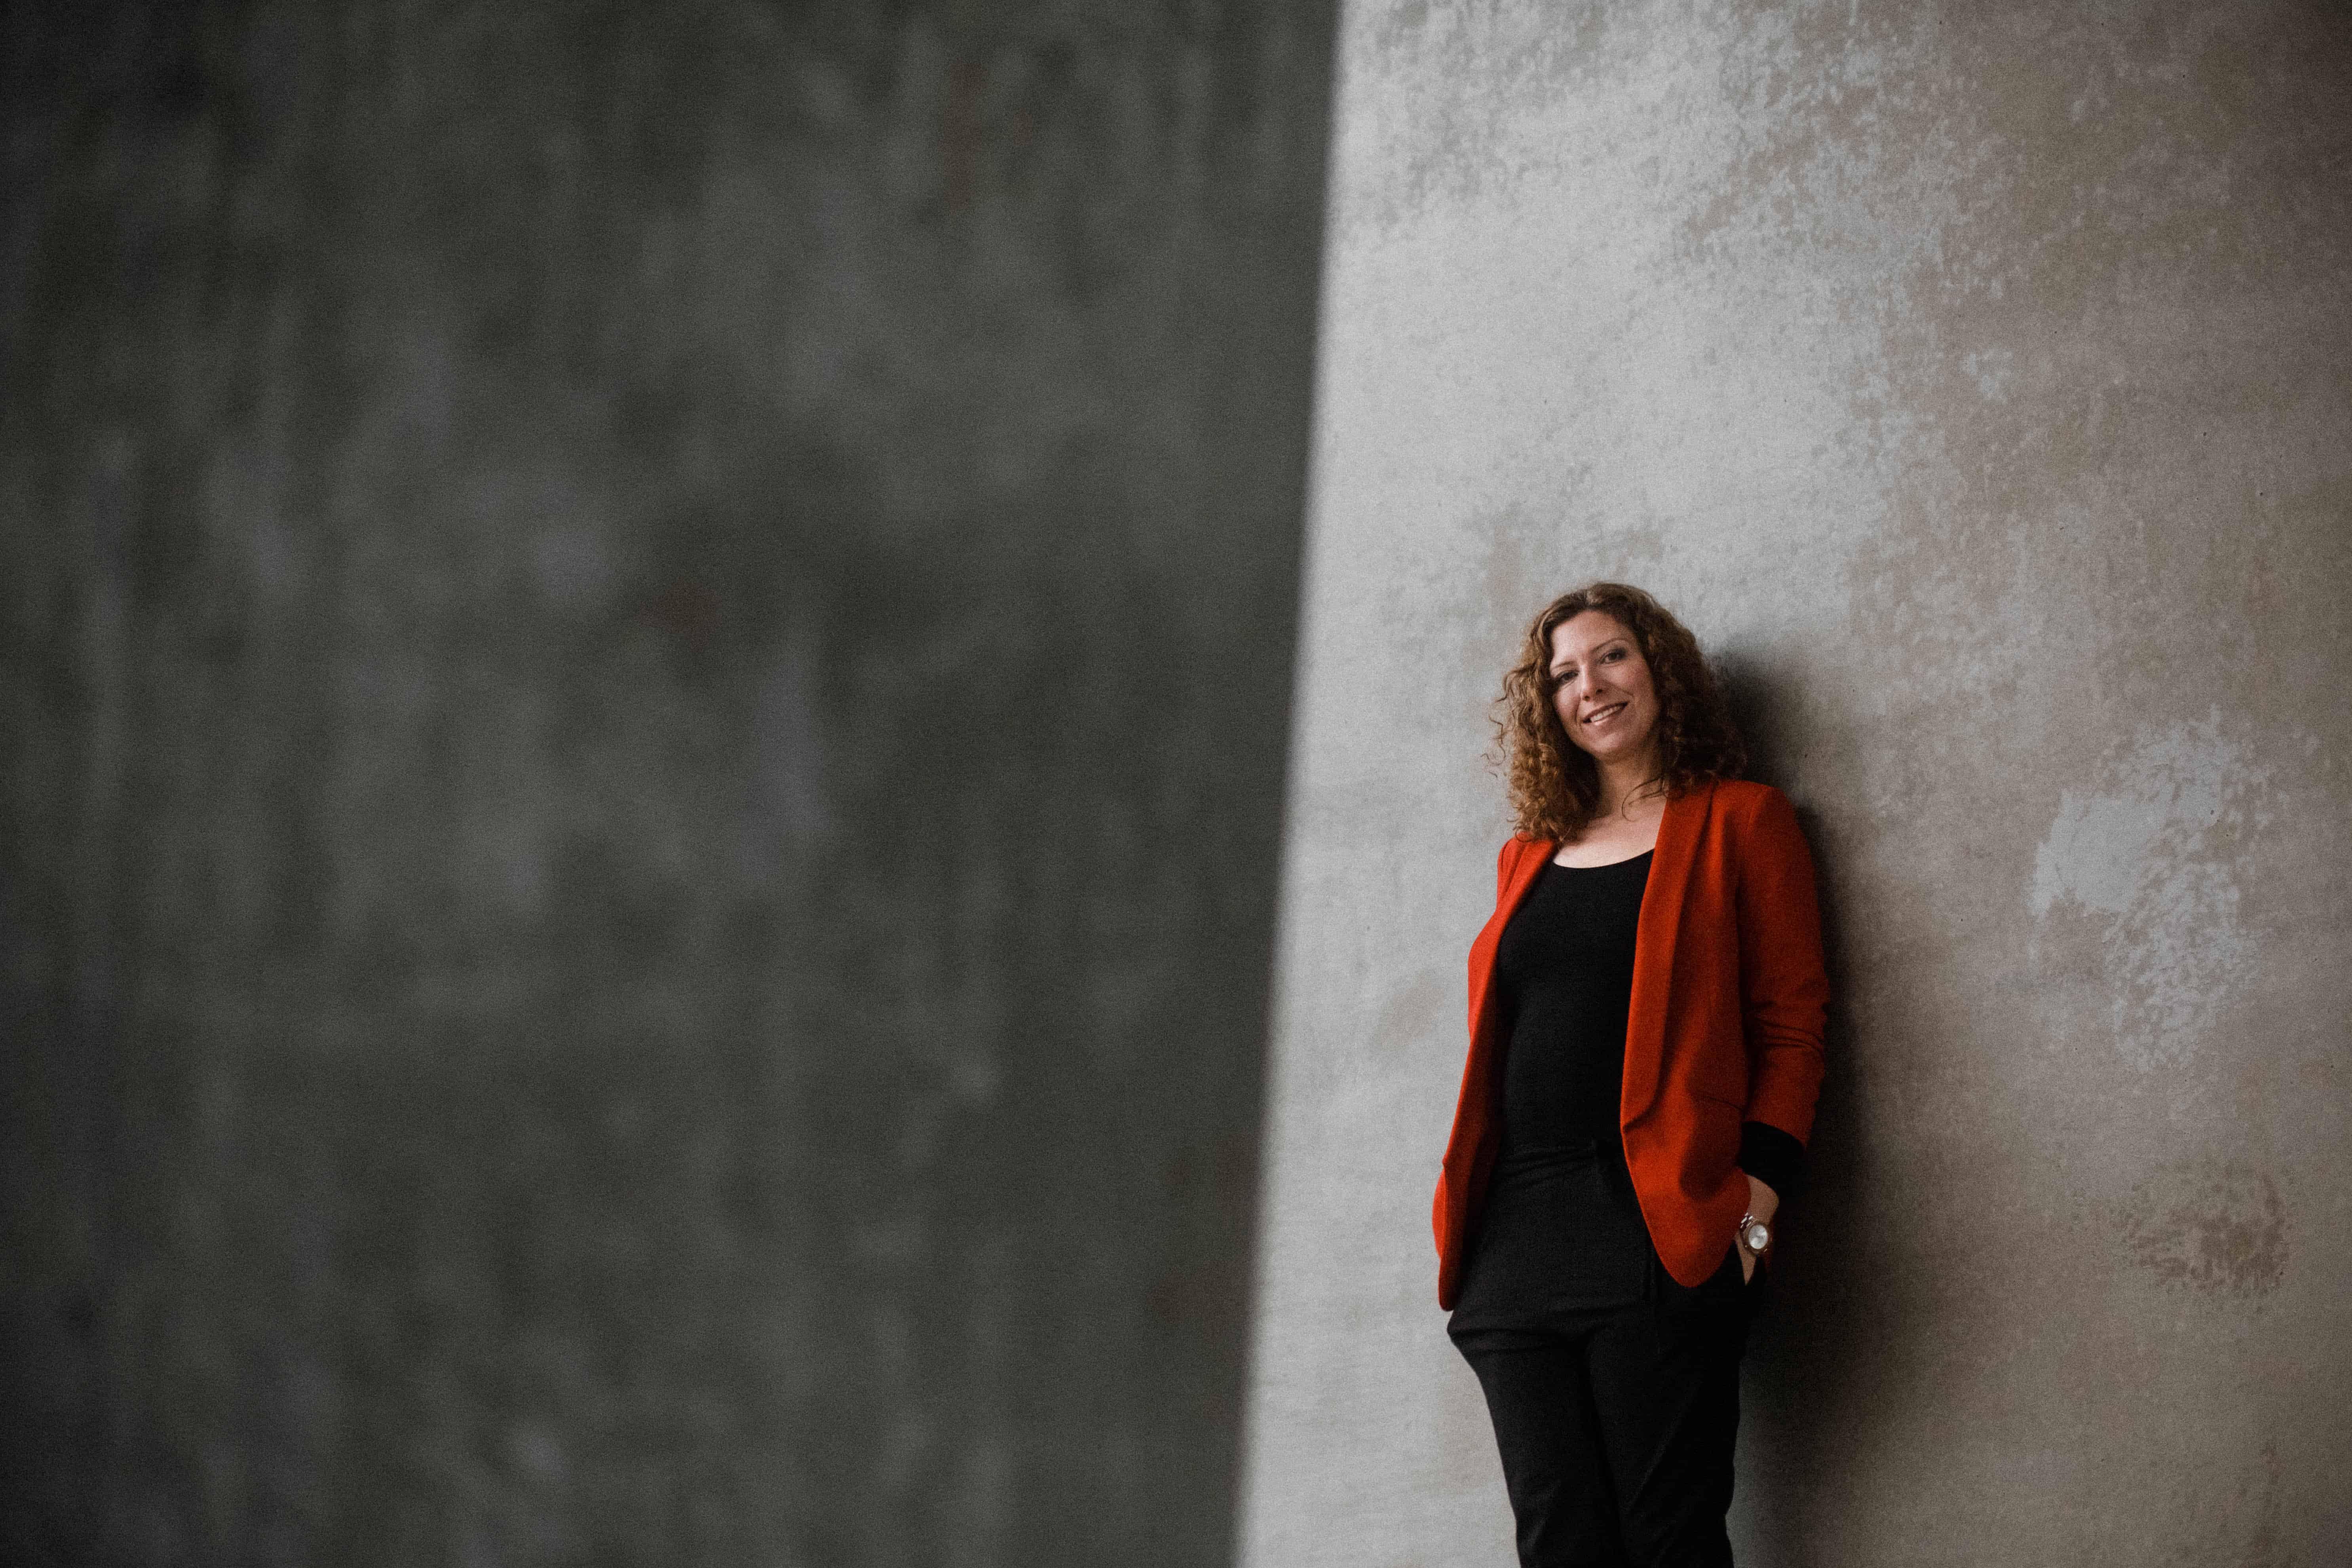 eine Frau lehnt an einer hellen Betonwand, sie hält ihre Hände in den Hosentaschen, sie schaut direkt in die Kamera